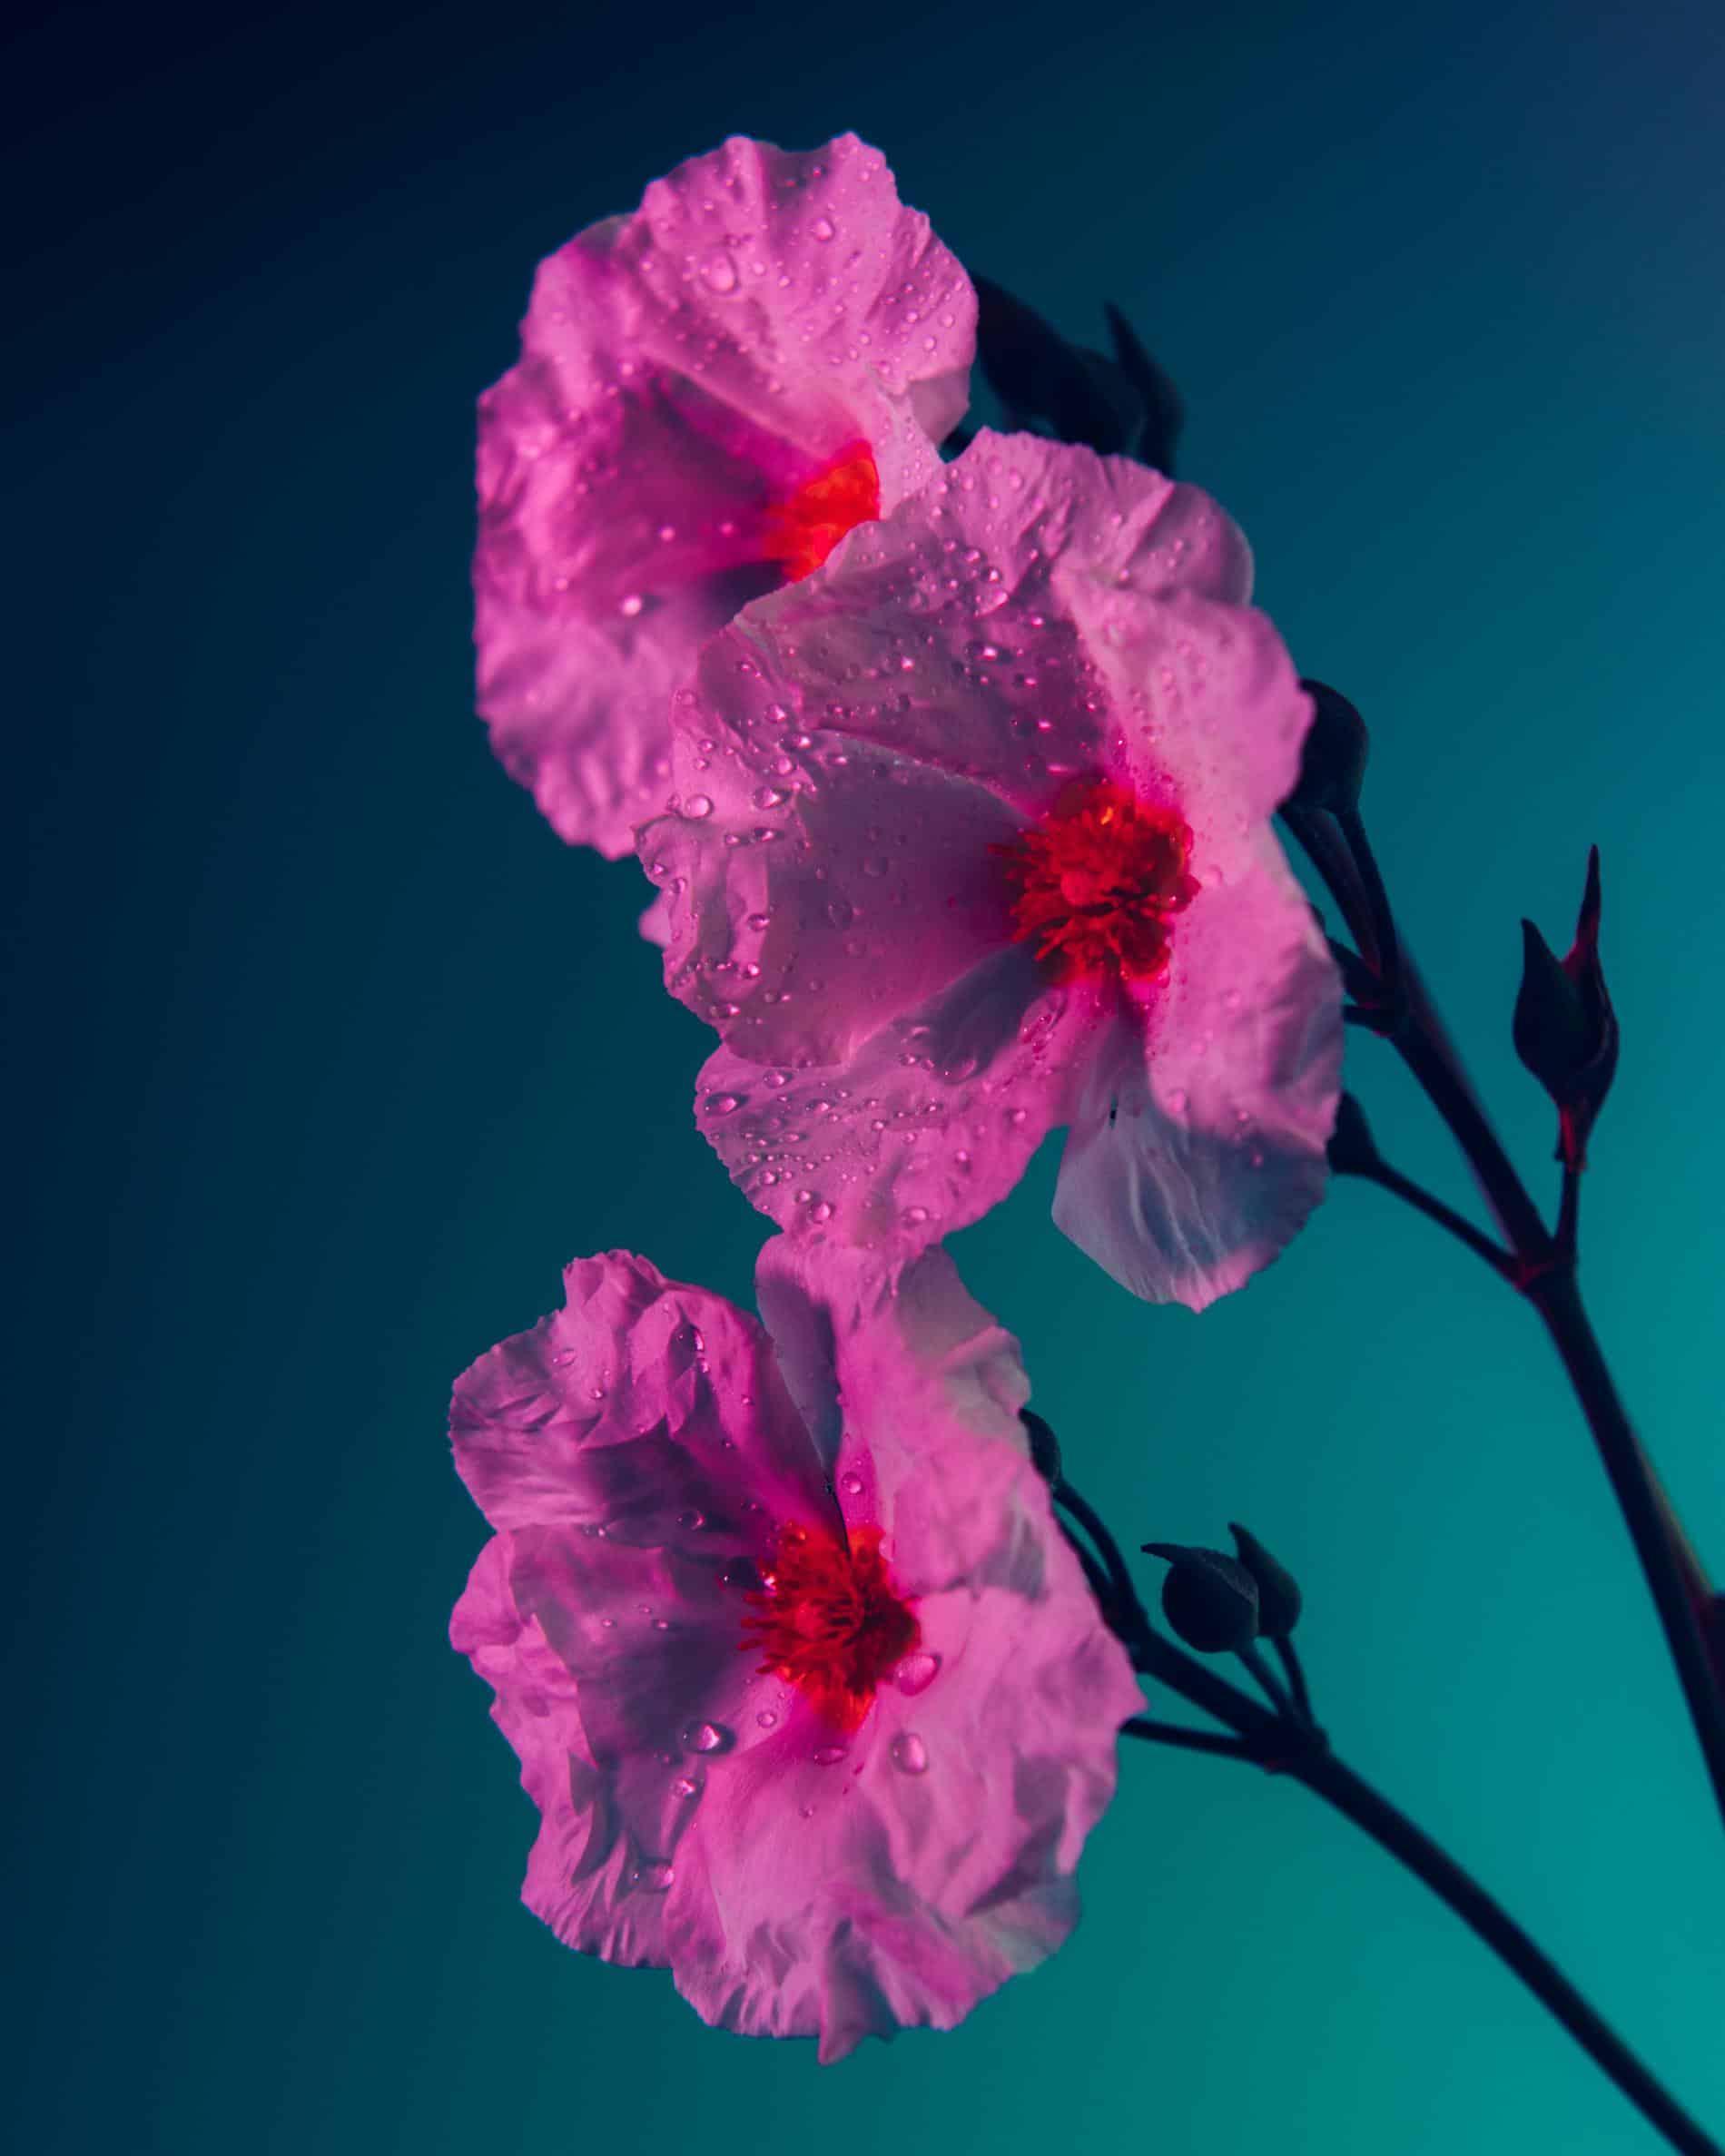 rickert flores botanica de otro mundo for o clock